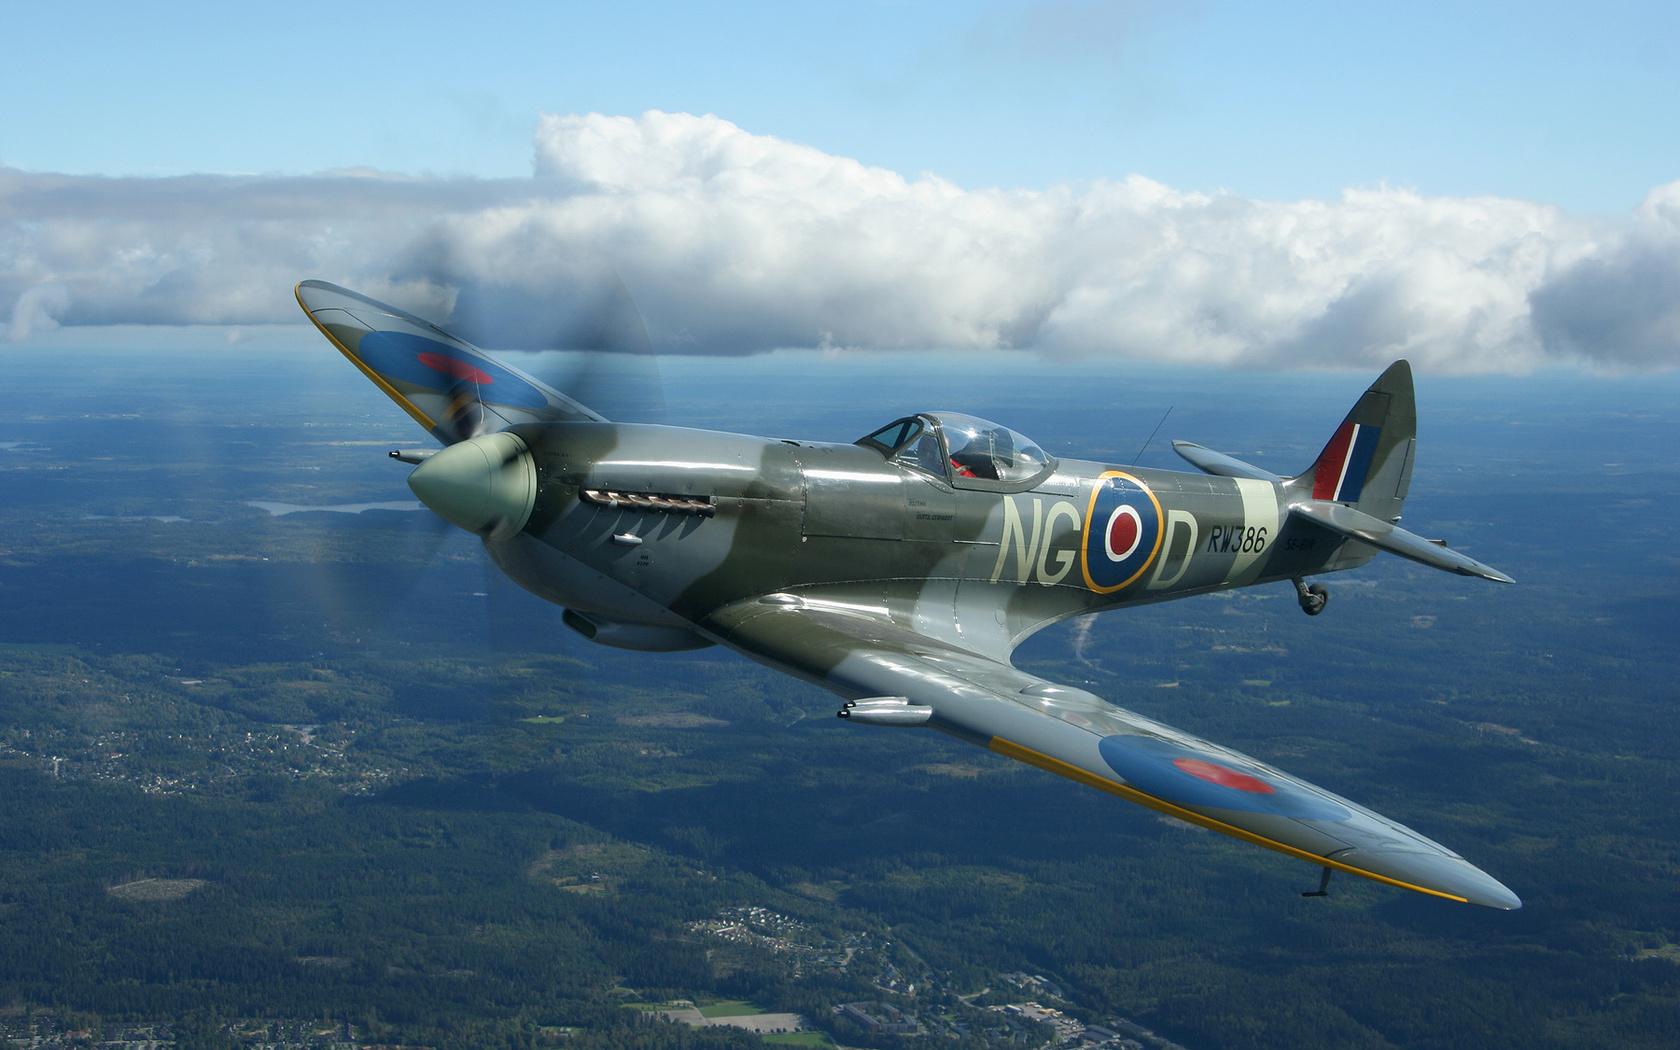 Spitfire Wallpaper Supermarine Spitfire aircraft plane clouds 1680x1050